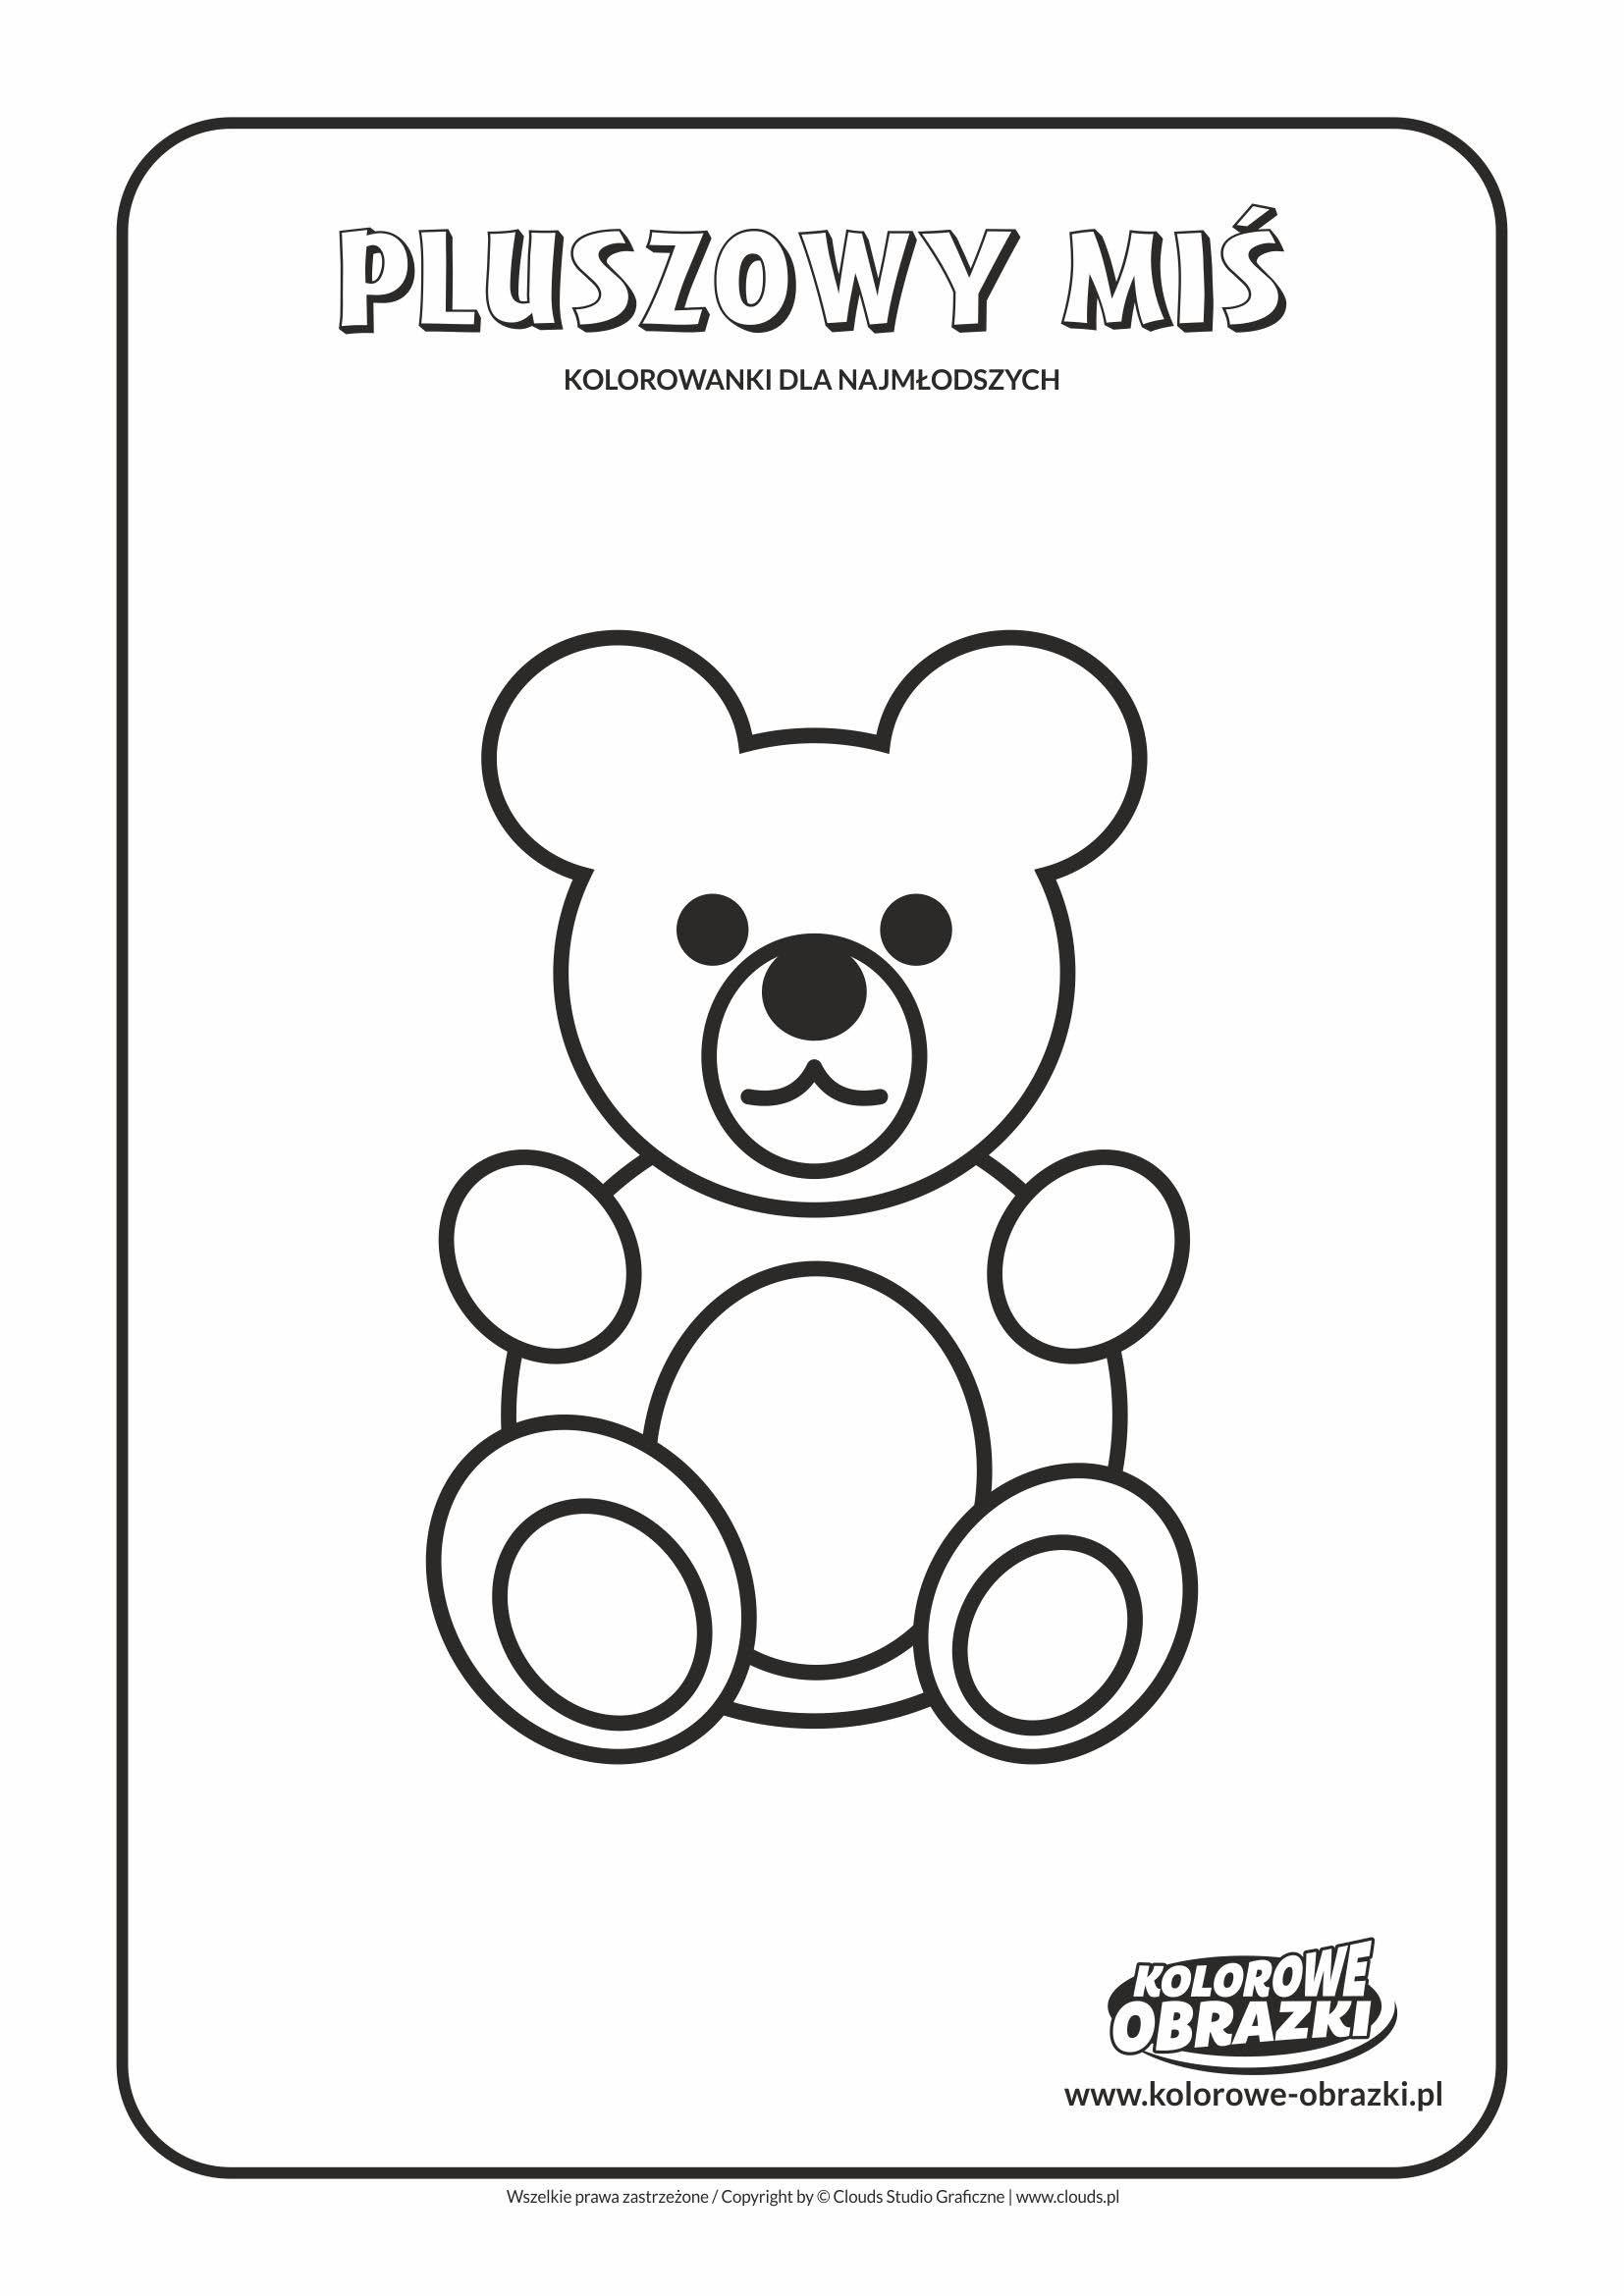 Pluszow miś - Proste kolorowanki dla najmłodszych - Dzień Pluszowego Misia